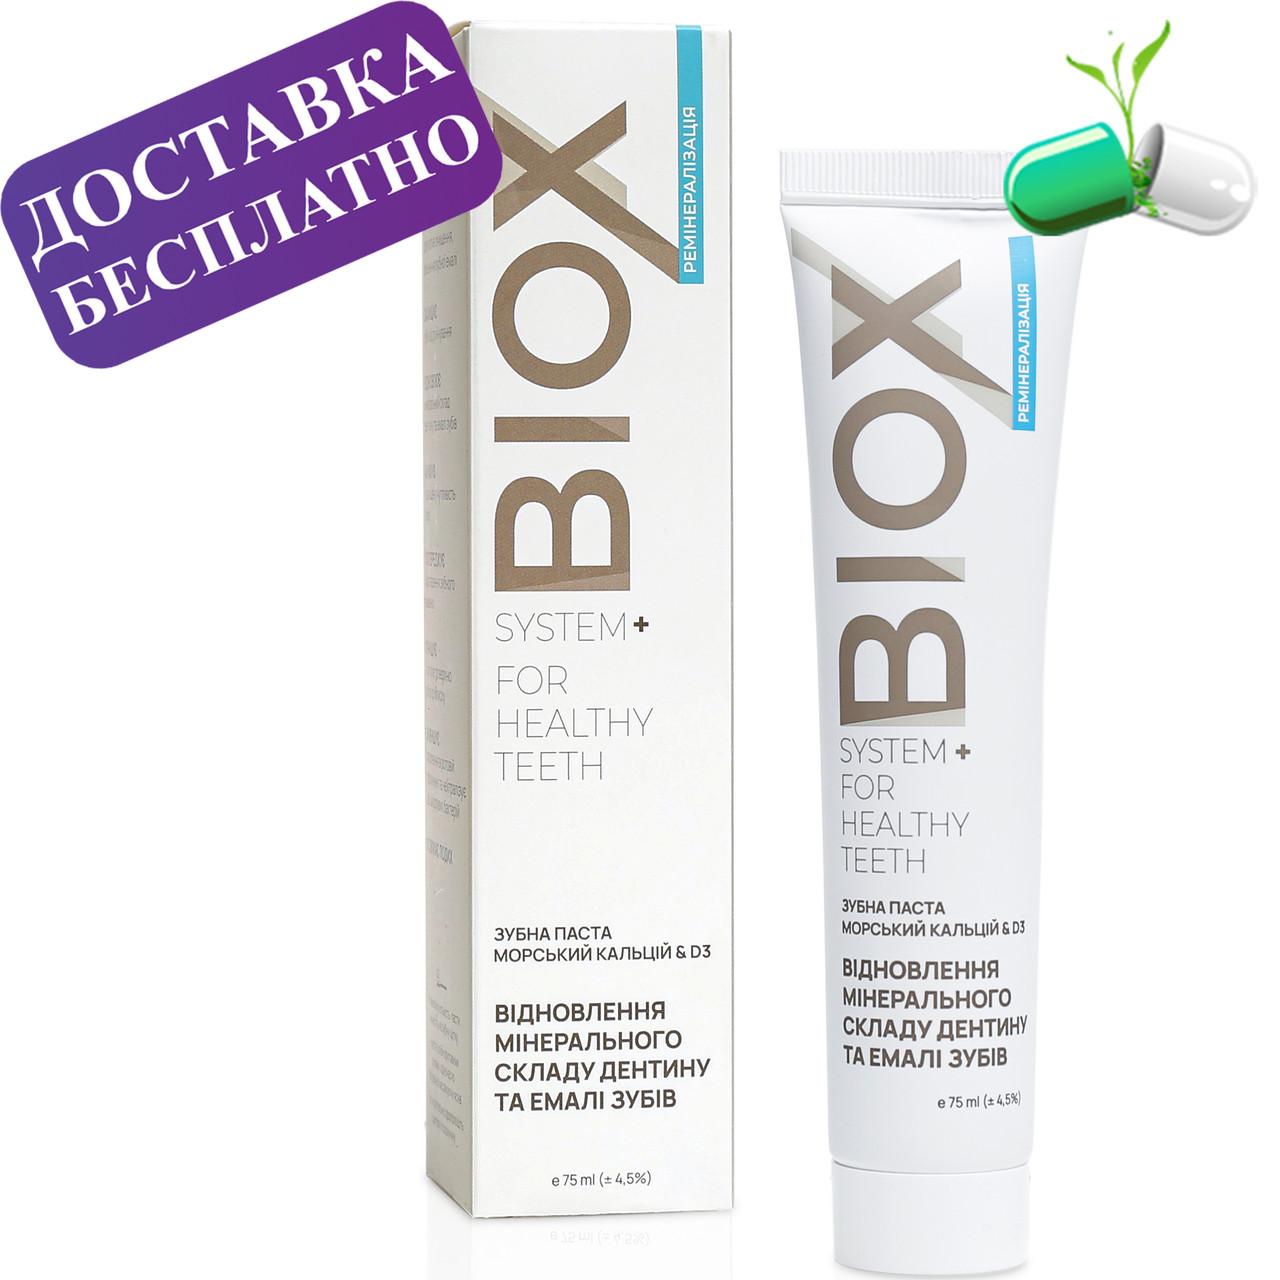 Зубна паста морський кальцій & D3 BIOX, 75 мл